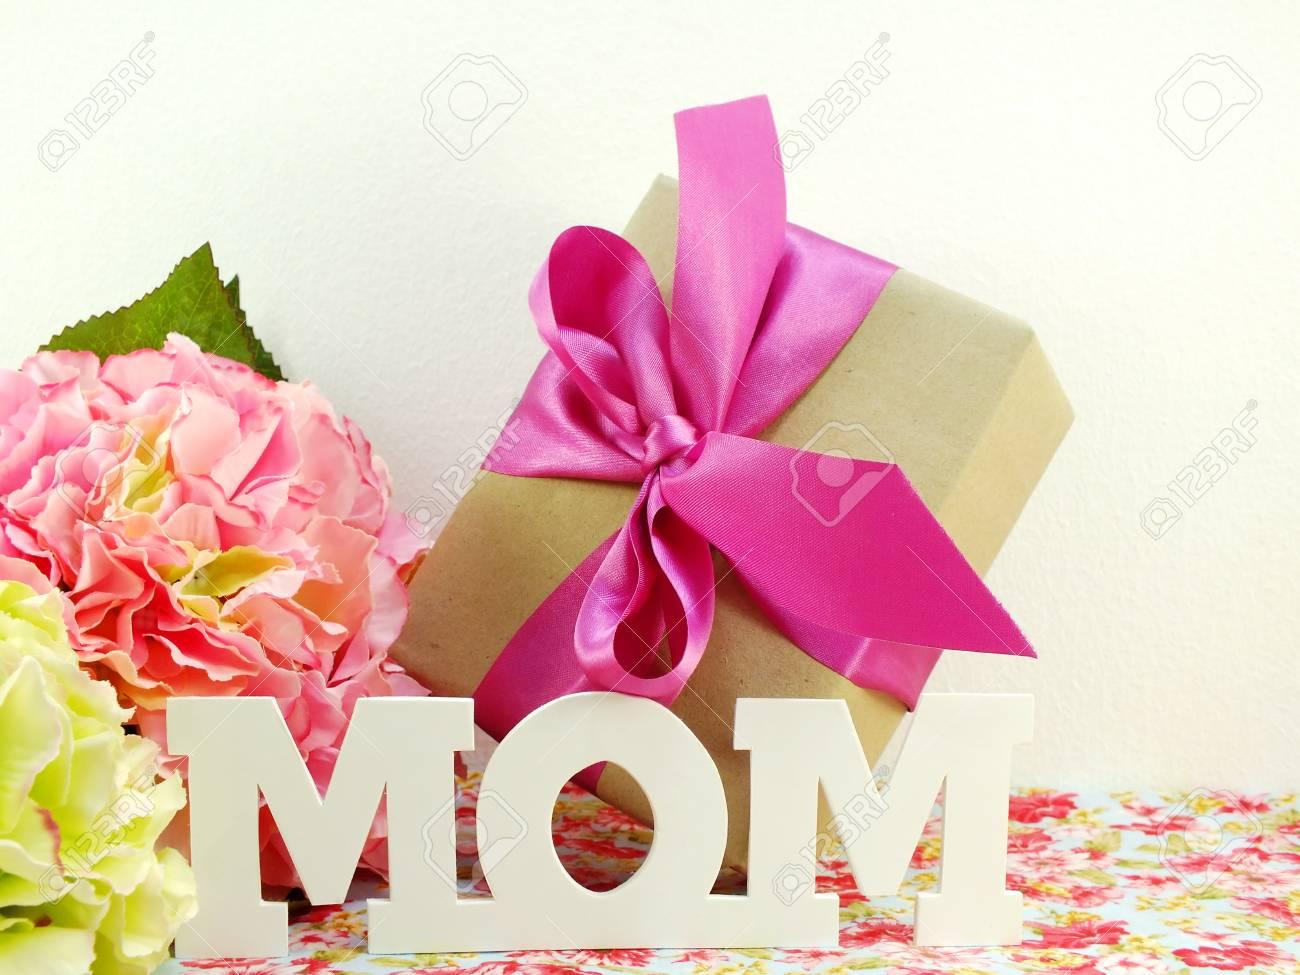 Cadeaux Et Beau Bouquet De Fleurs Pour Maman Pour La Fête Des Mères Ou Anniversaire